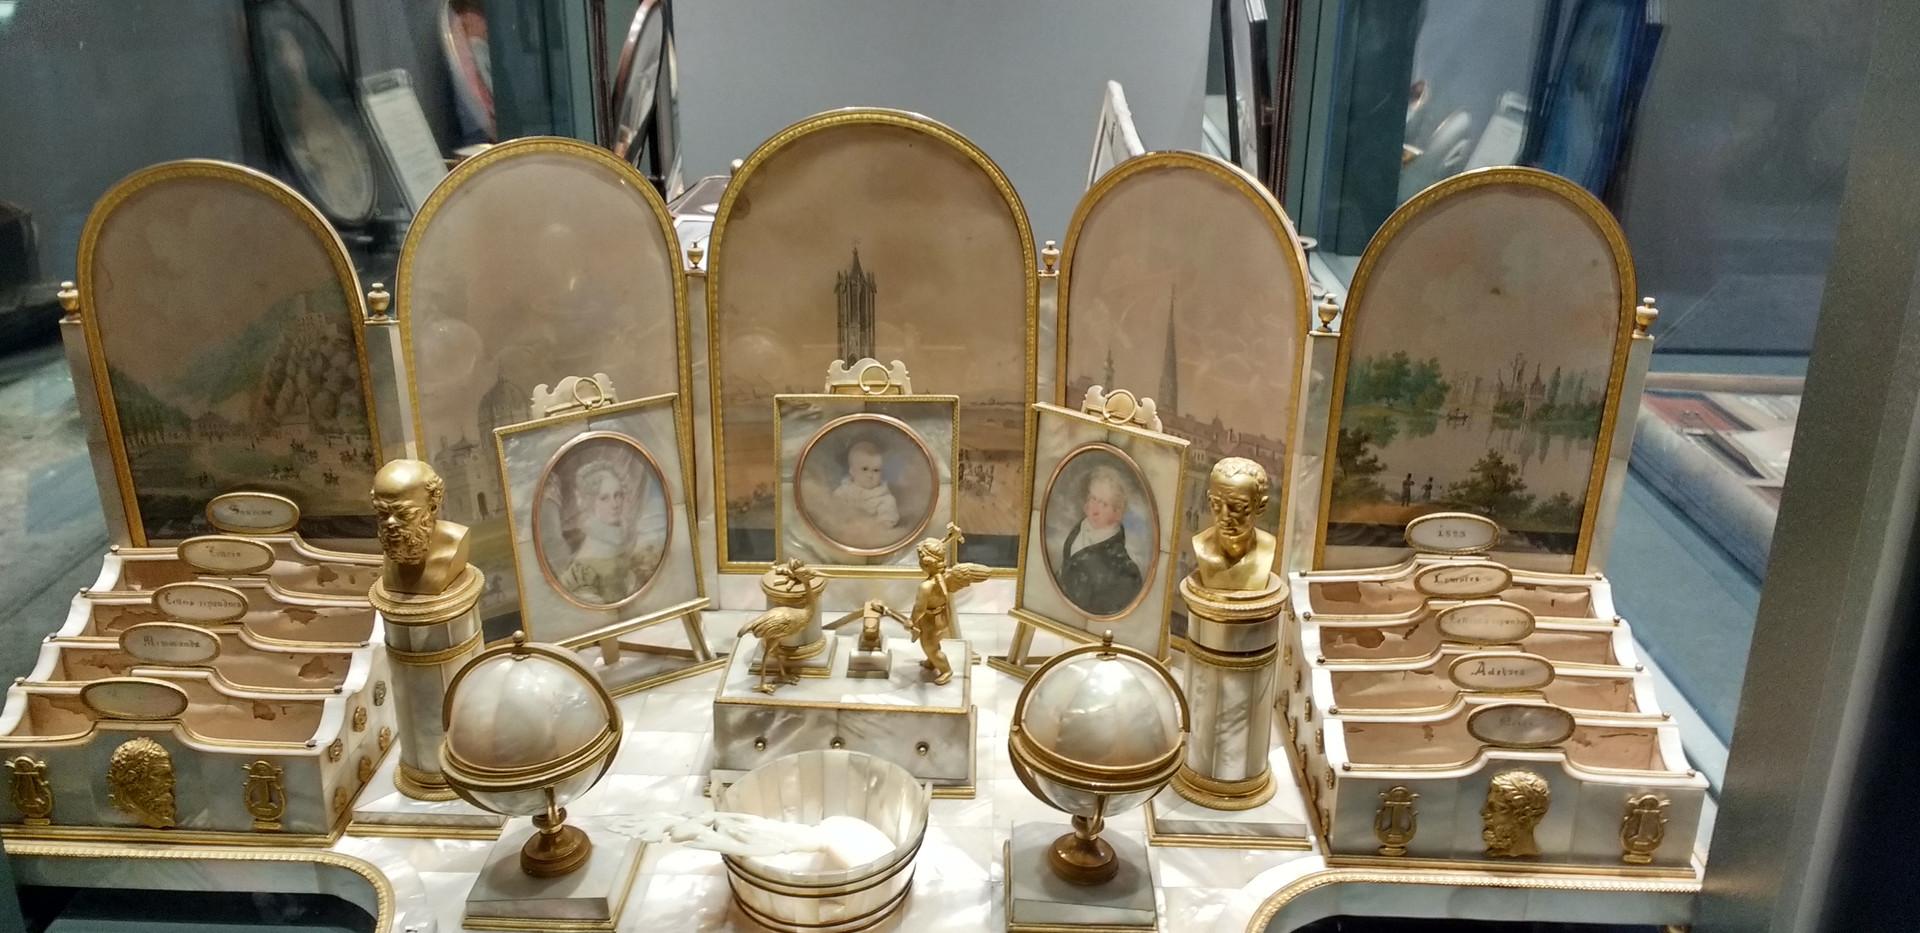 המוזיאון הלאומי של קַפּוֹדִימוֹנטֵה